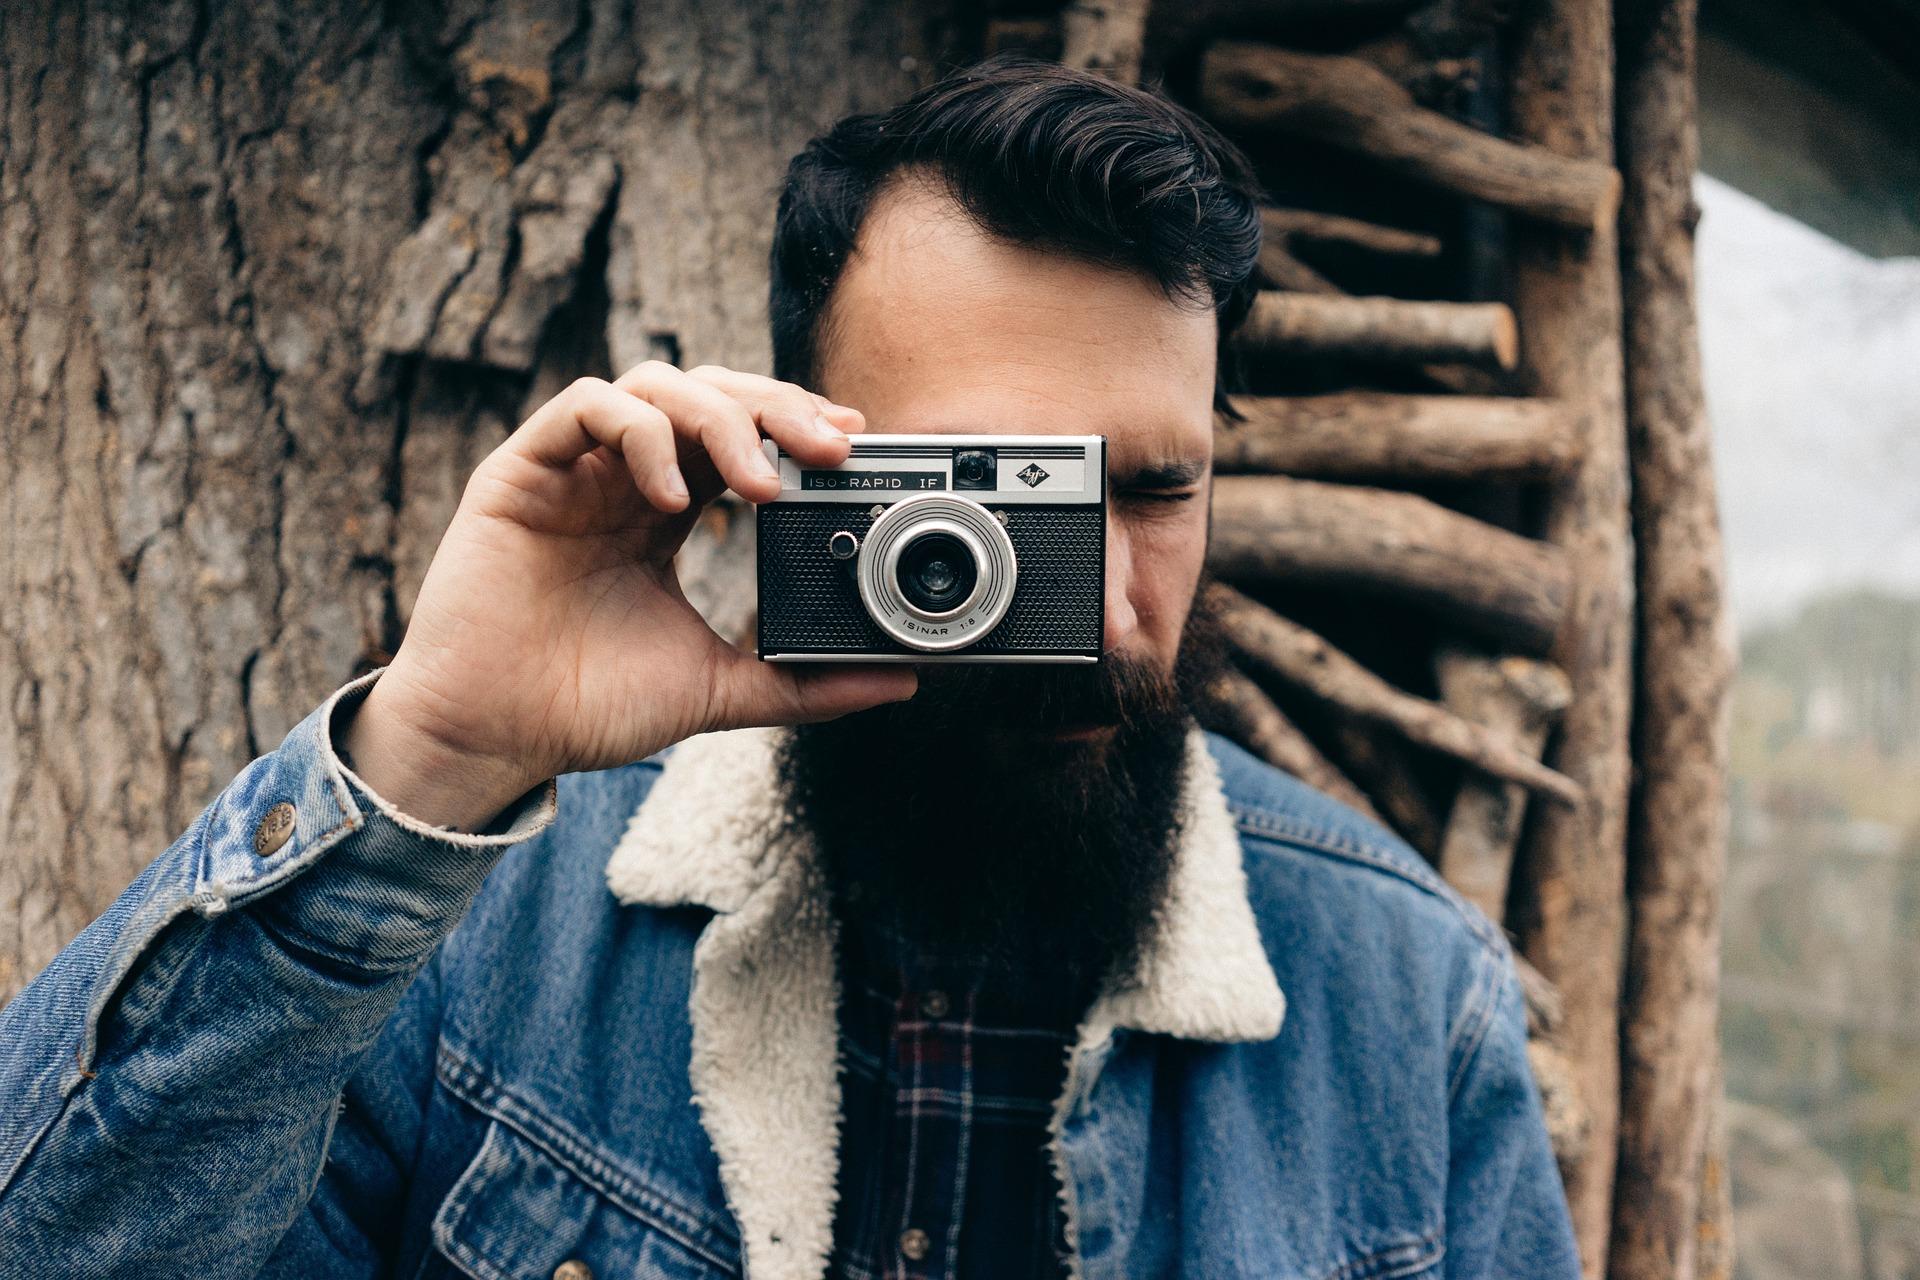 Die wichtigste Regel beim Fotografieren